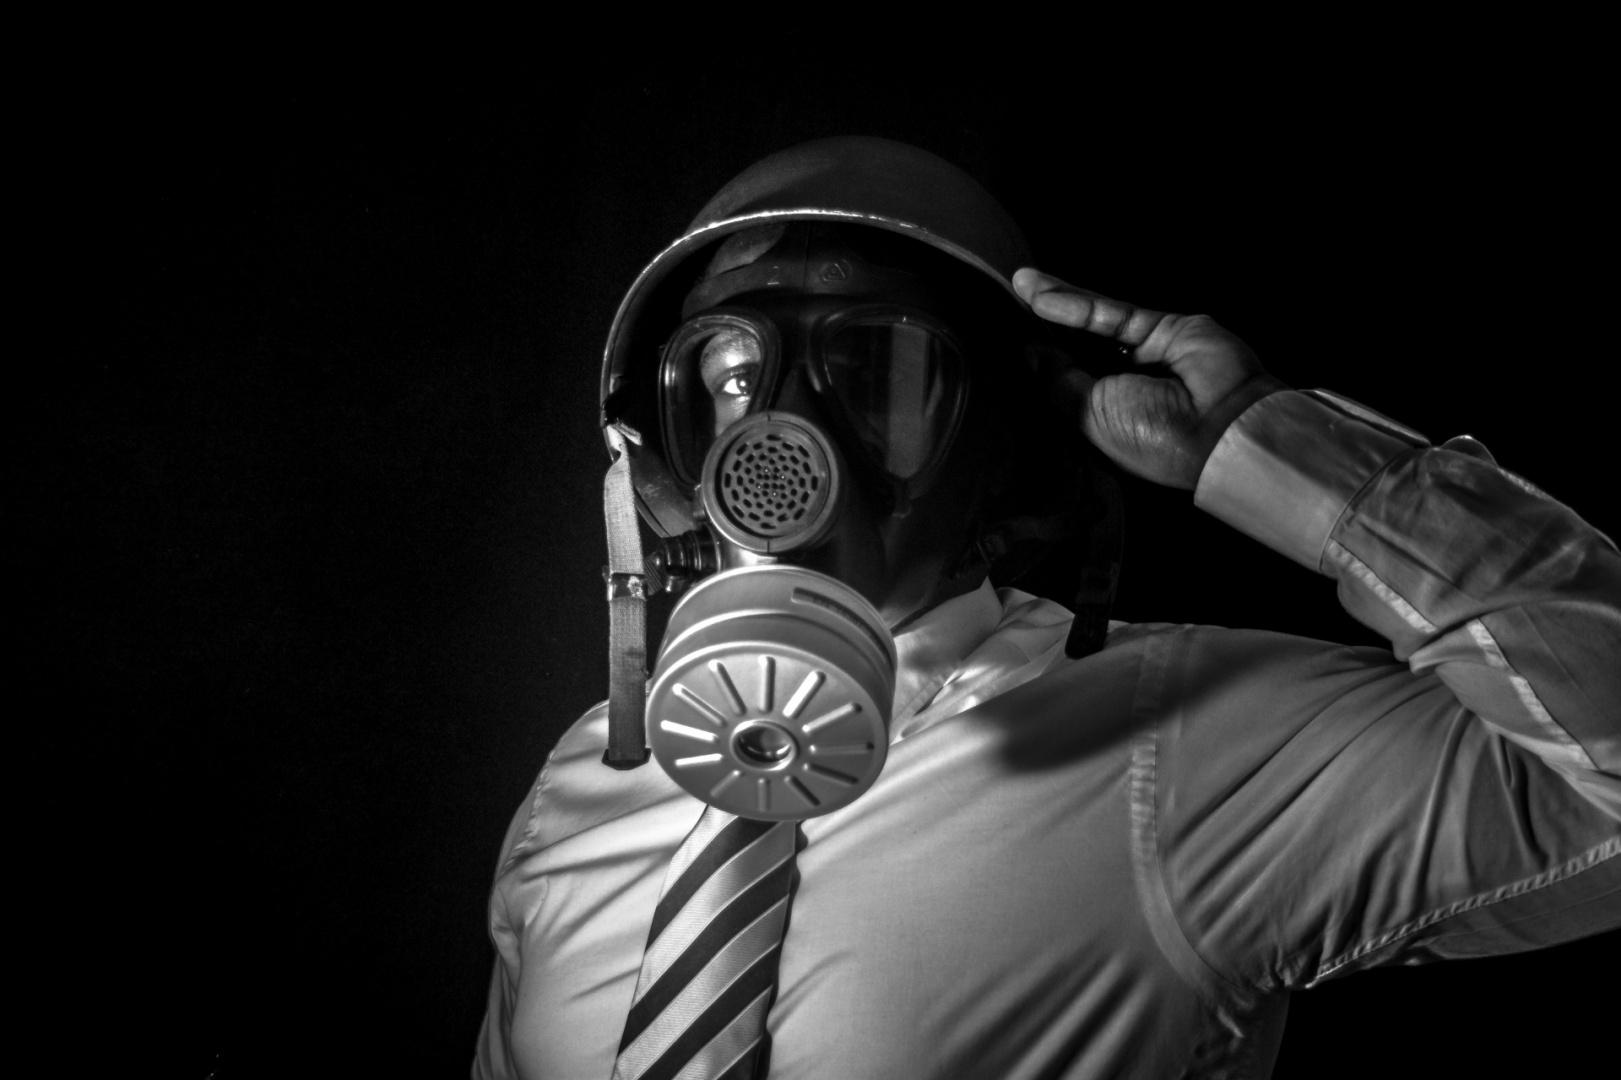 Retratos/Toxic Boy